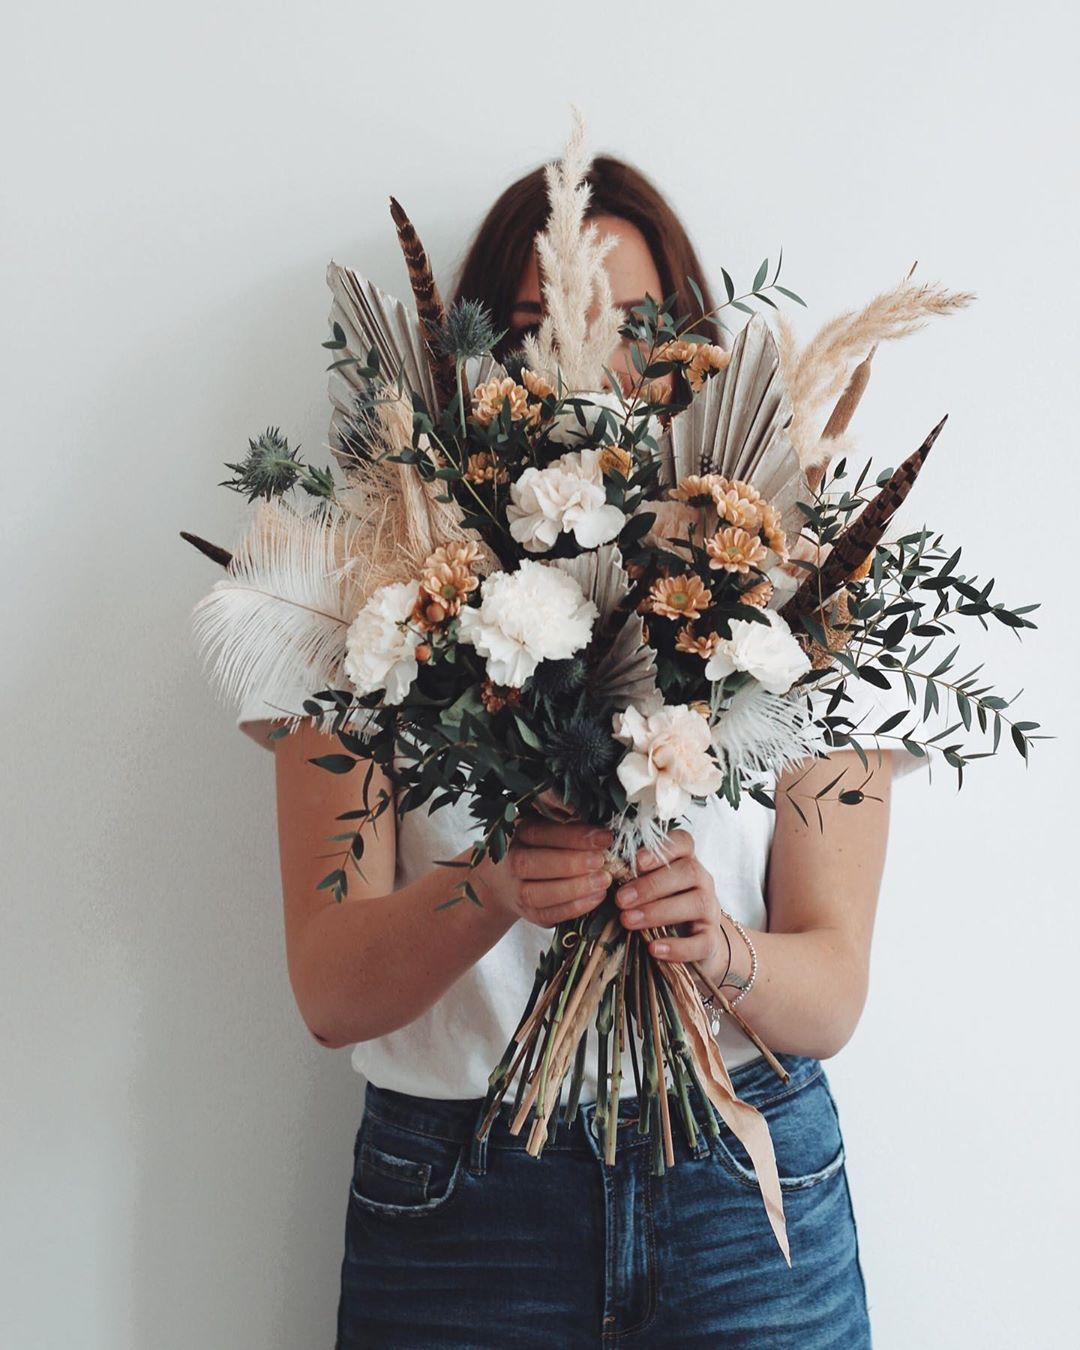 """️ WILD DAISY WEDDING ️ on Instagram: """"Happy Sunday ihr lieben ⠀⠀⠀⠀⠀⠀⠀⠀⠀ ⠀⠀⠀⠀⠀⠀⠀⠀⠀ #brautstrauss #brautblumen #eukalyptus #eukalyptusliebe #wilderbrautstrauß #bohobride…"""""""